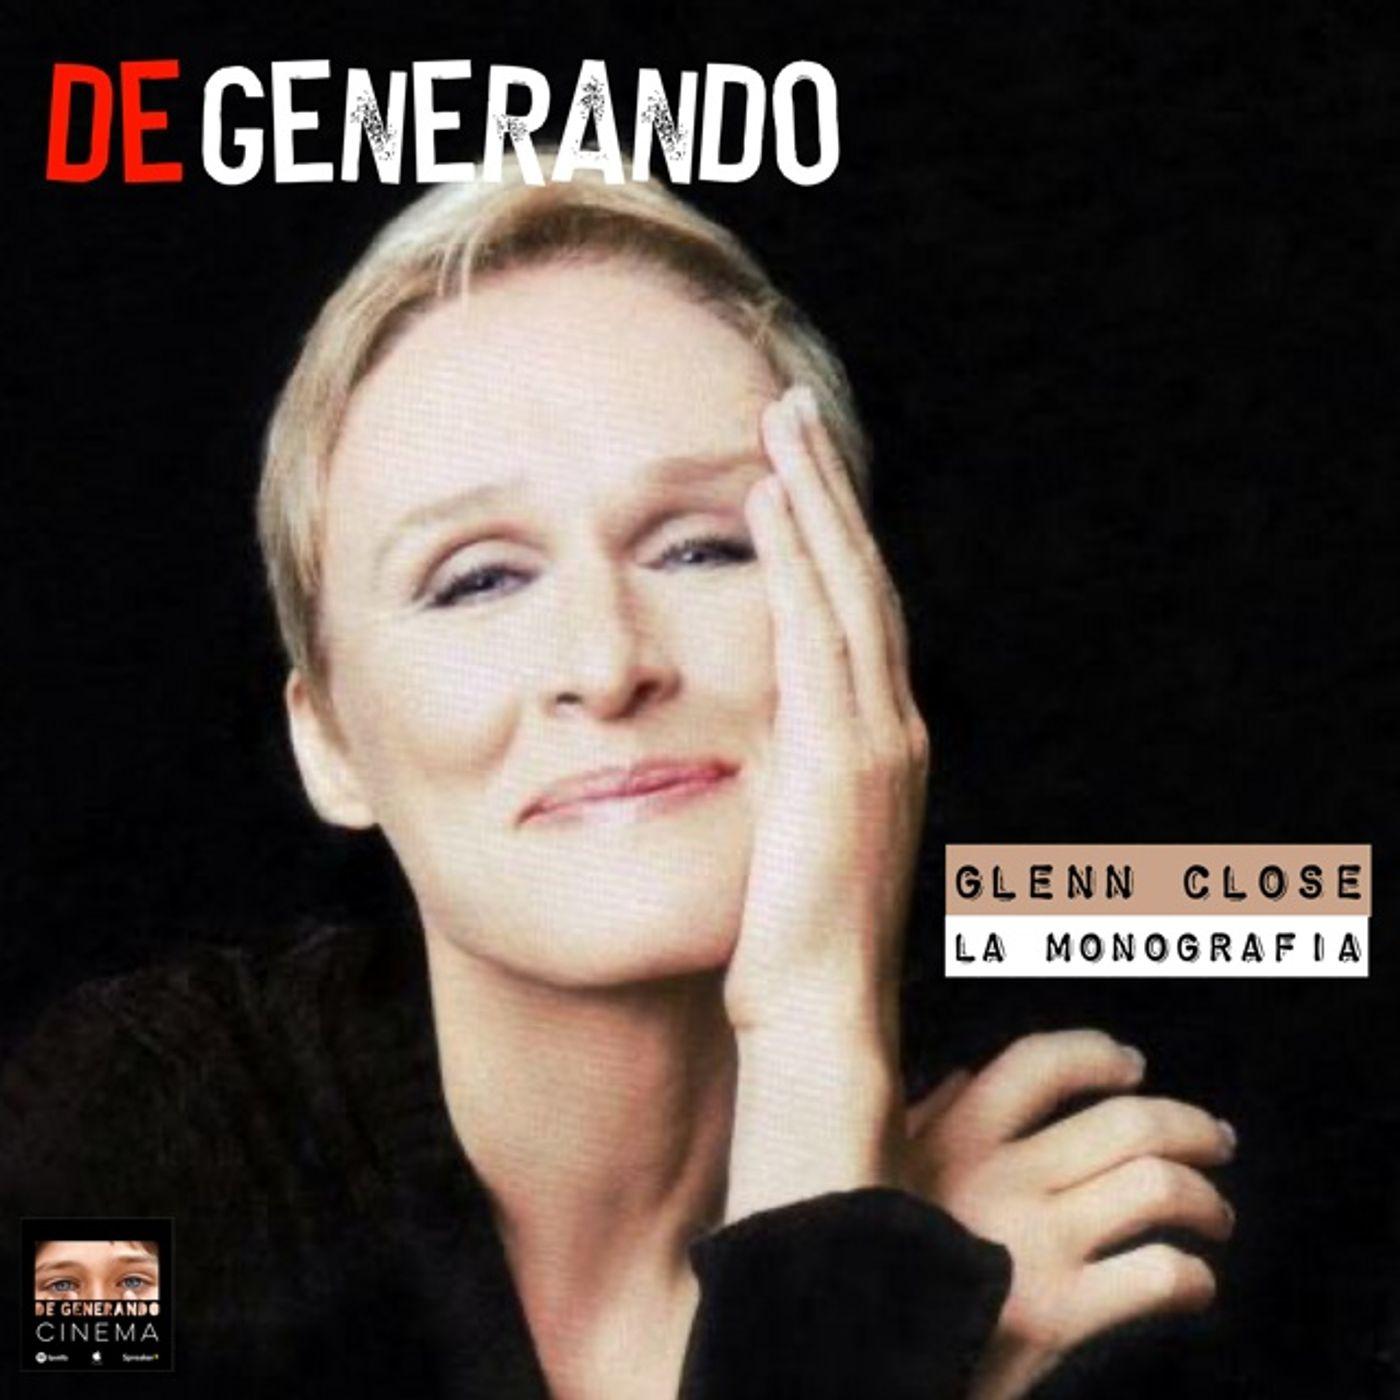 Monografie: Glenn Close